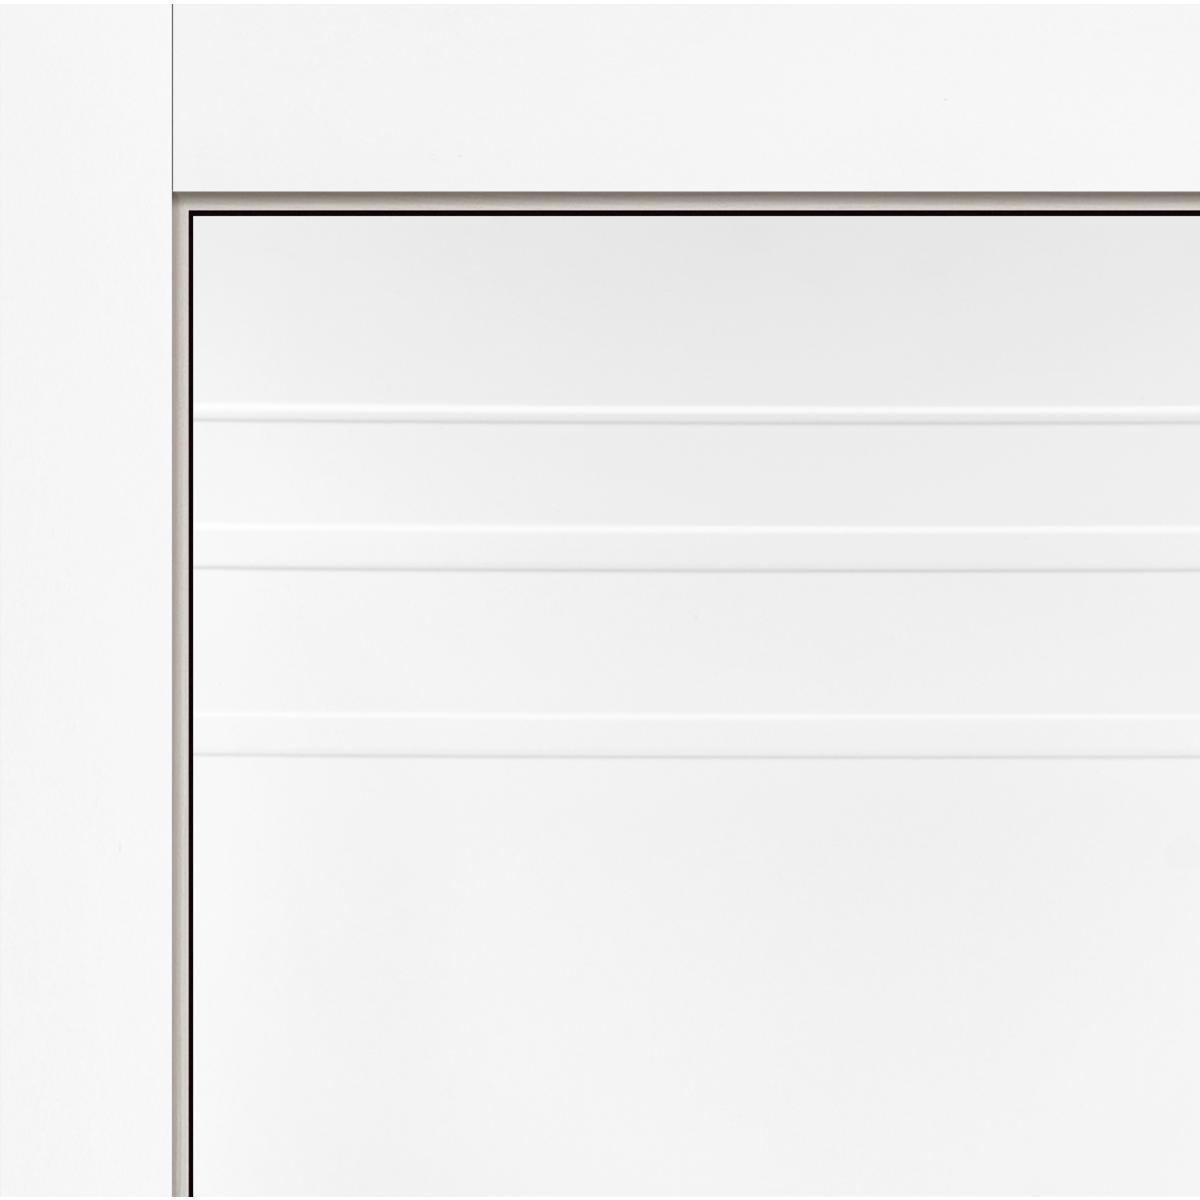 Дверь Межкомнатная Глухая С Замком В Комплекте Рива 90x200 Эмаль Цвет Белый